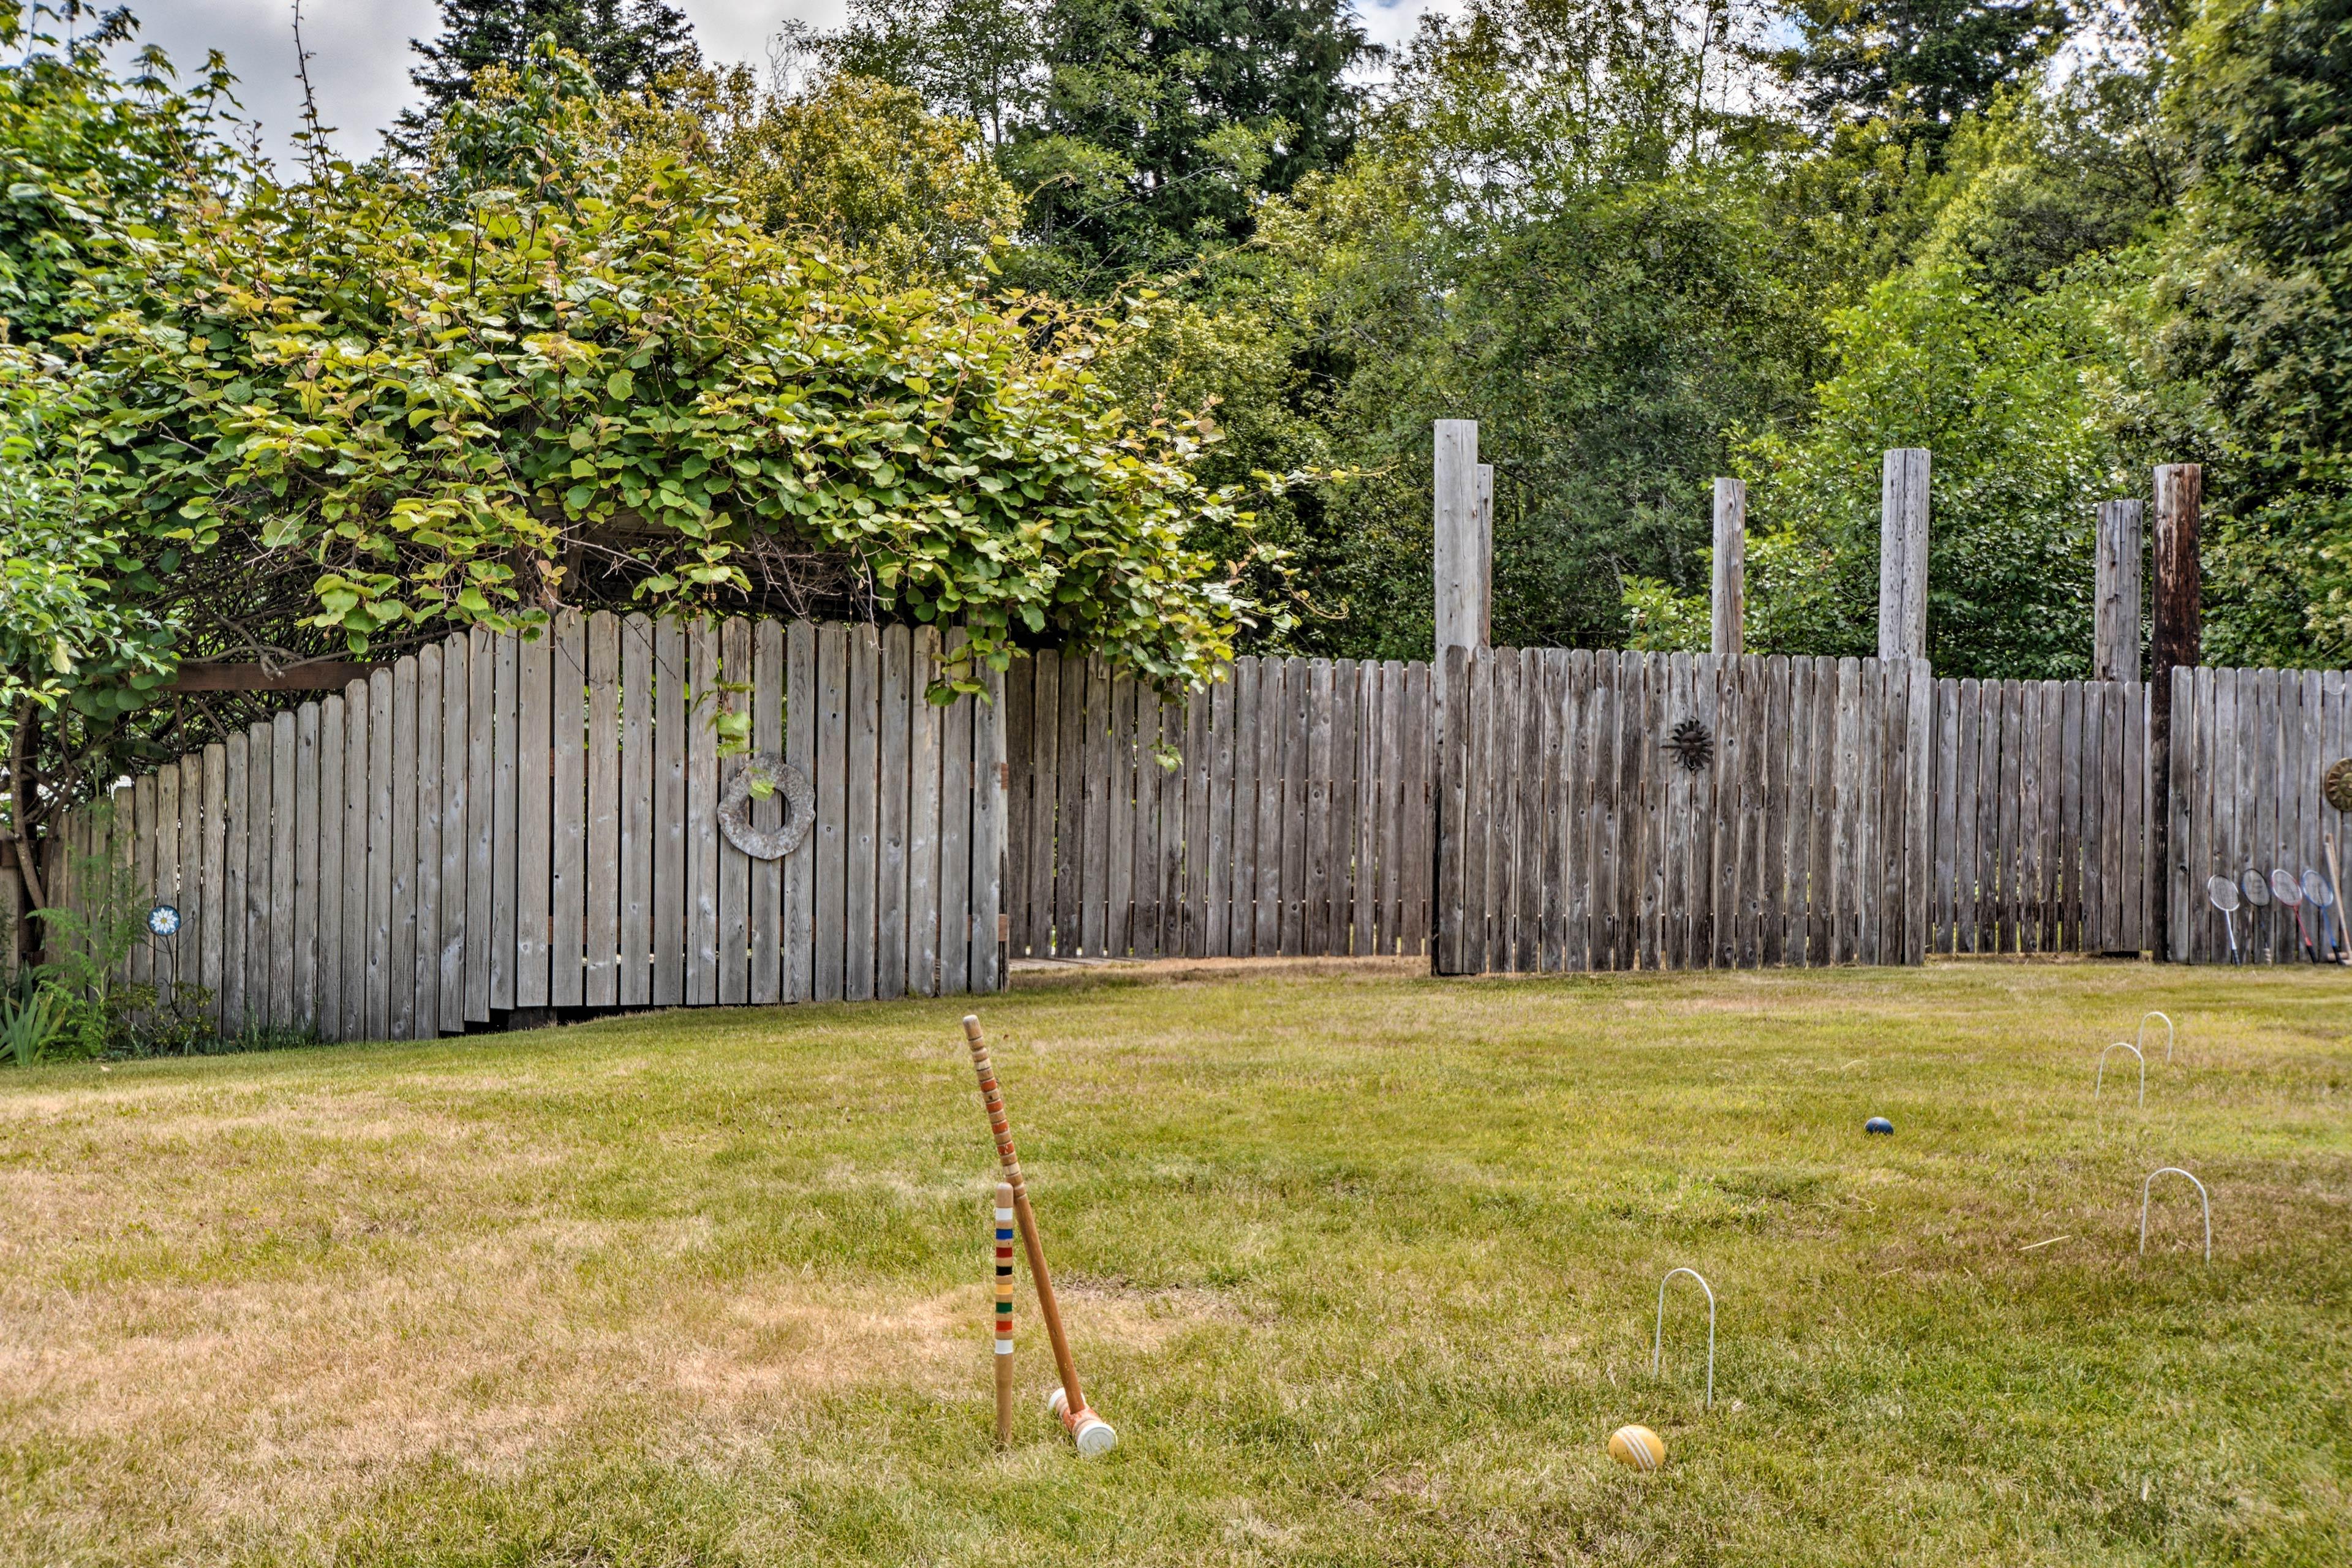 Practice your croquet skills.